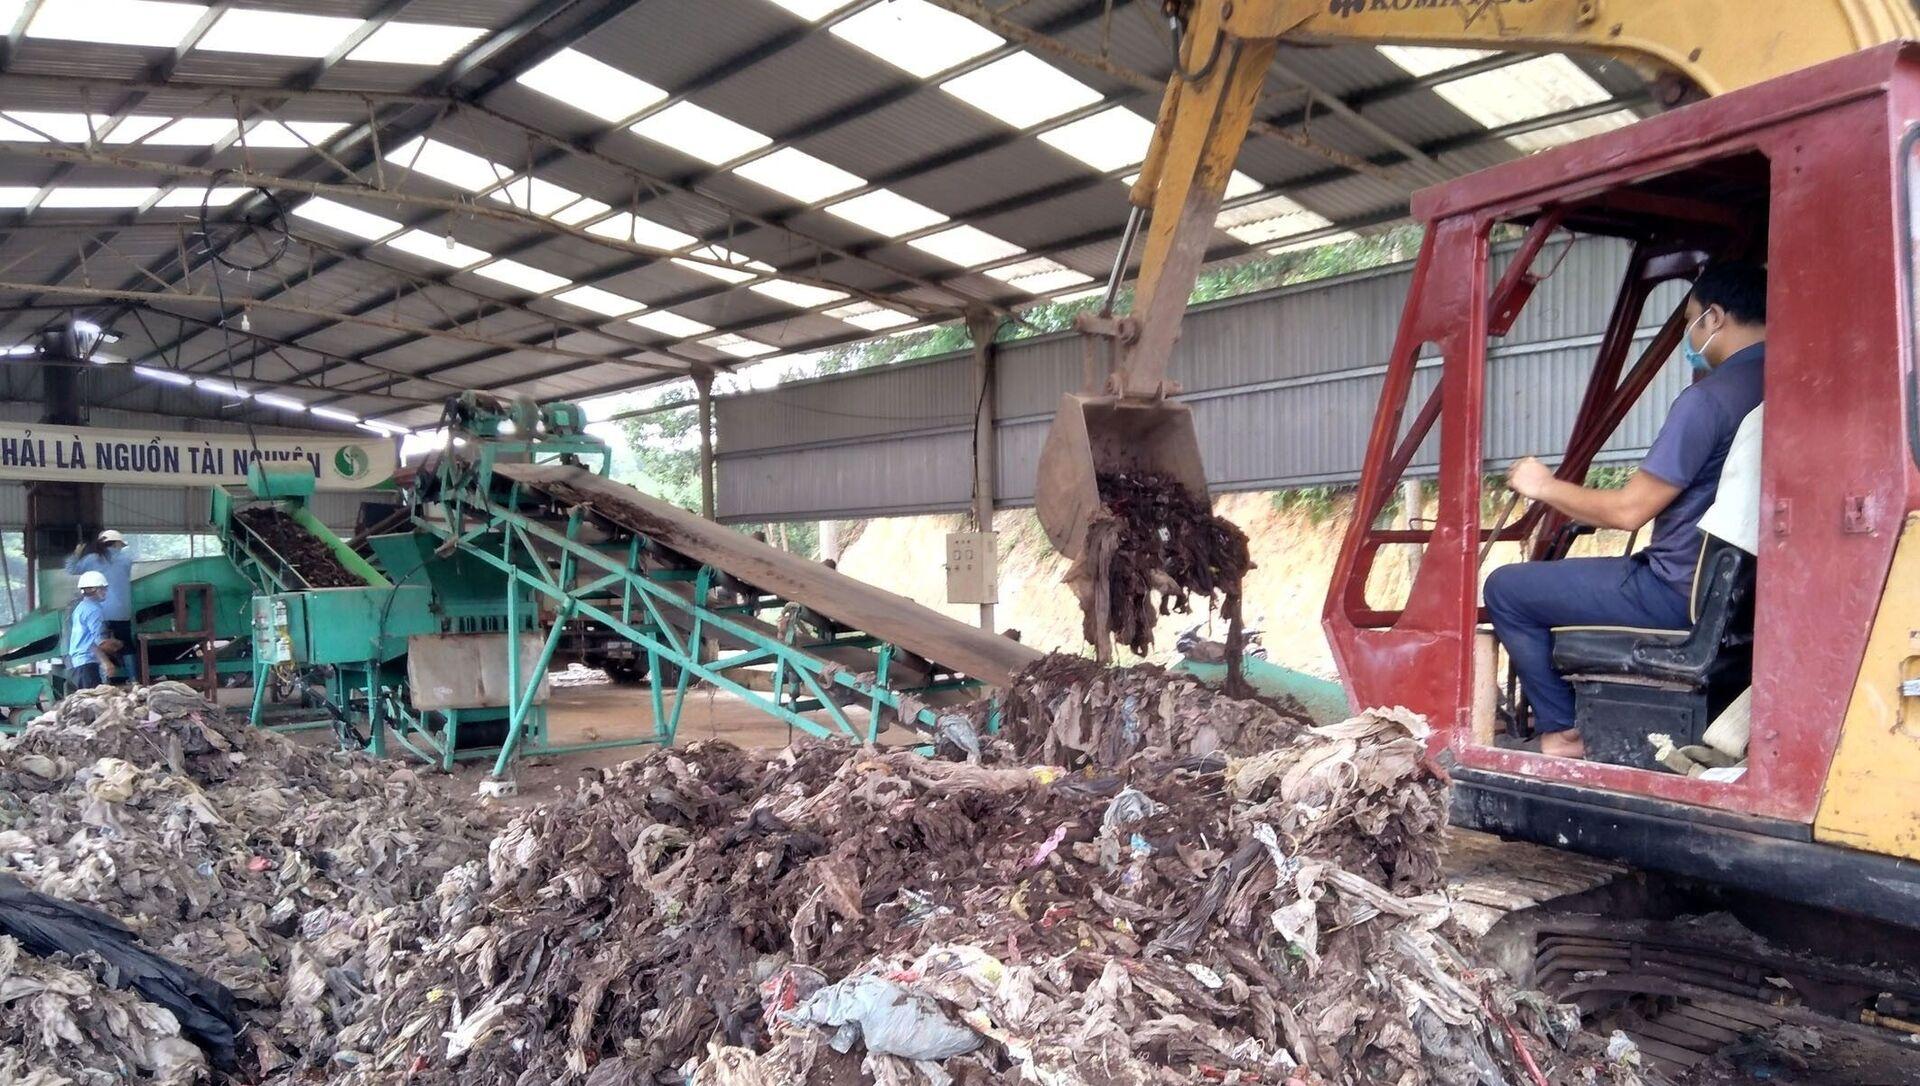 Mô hình xử lý rác thải bằng công nghệ vi sinh không gây ô nhiễm môi trường. - Sputnik Việt Nam, 1920, 23.06.2021